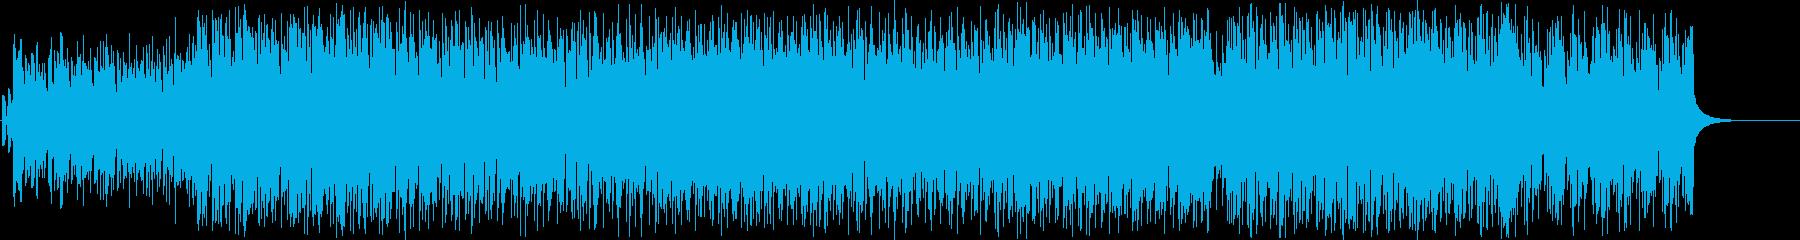 希望 前進 機械 情報 都会 軽快の再生済みの波形